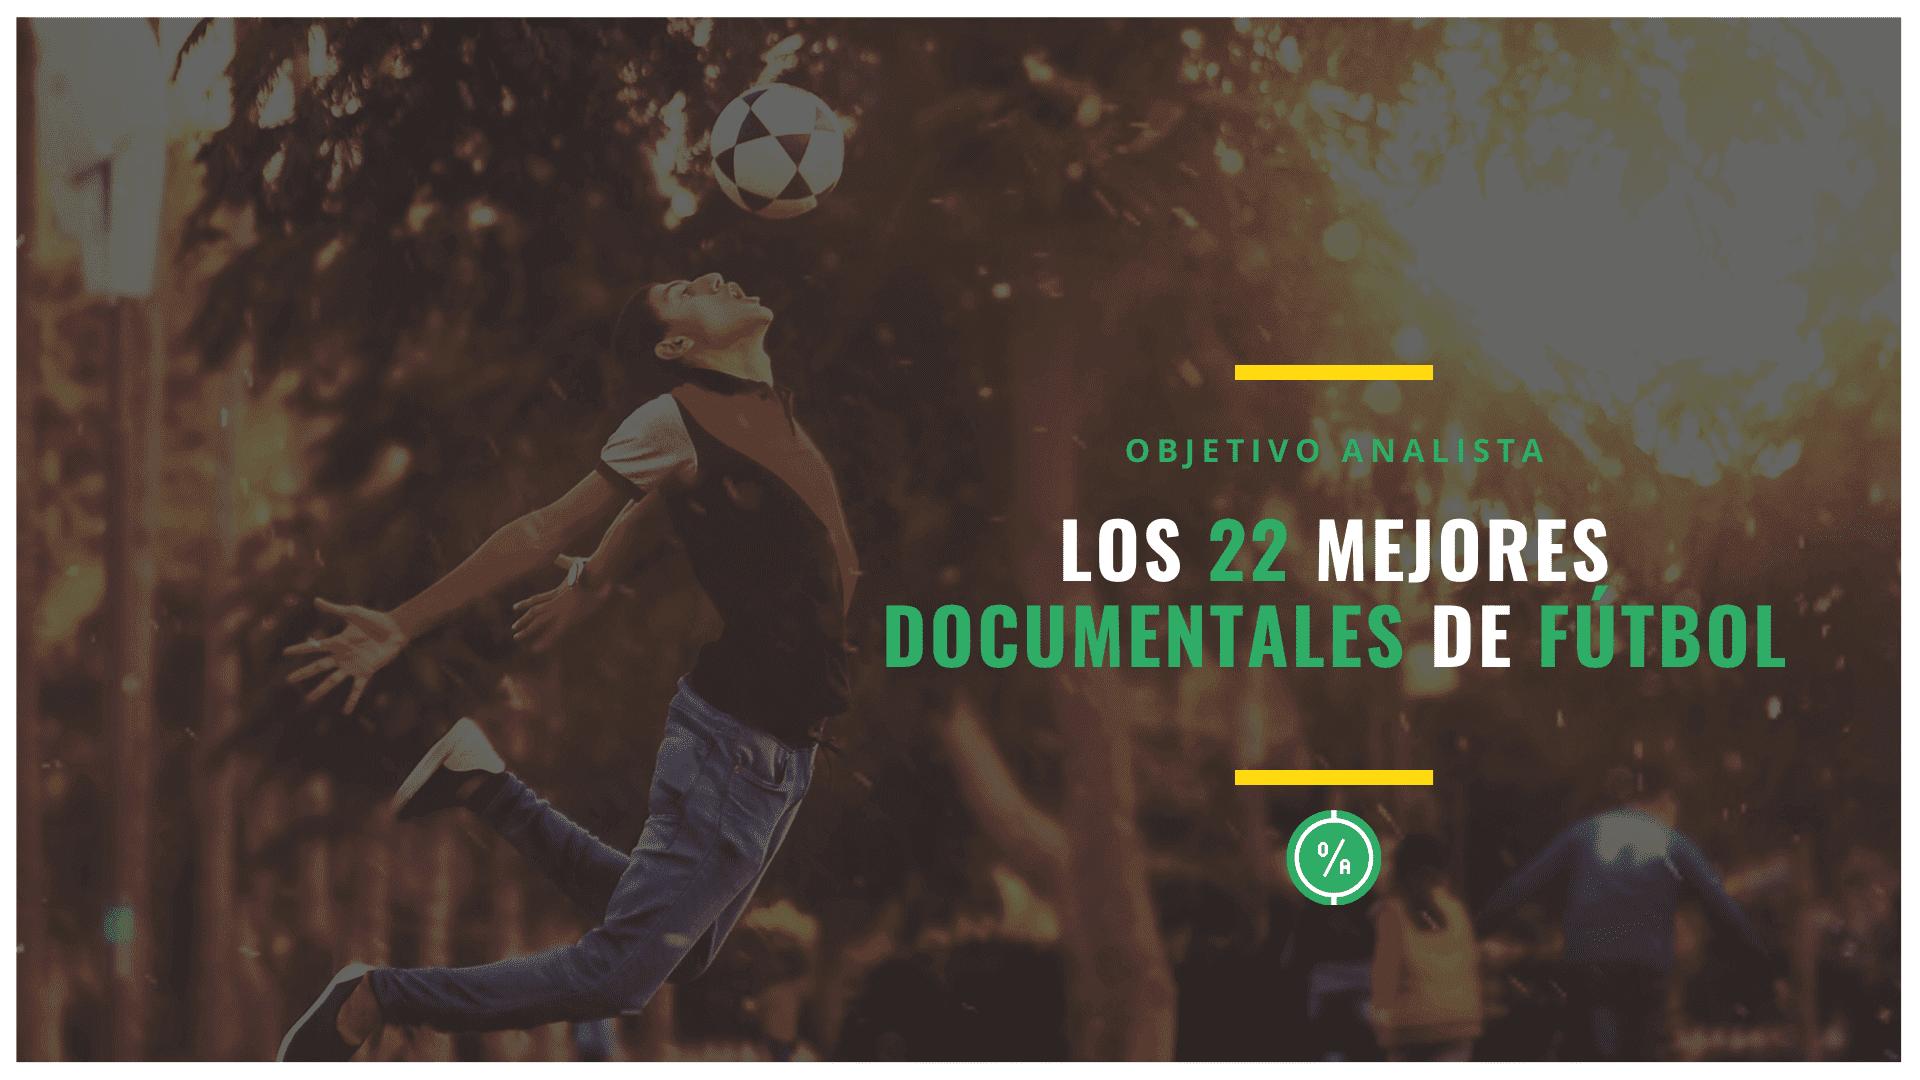 Los 22 mejores documentales de fútbol